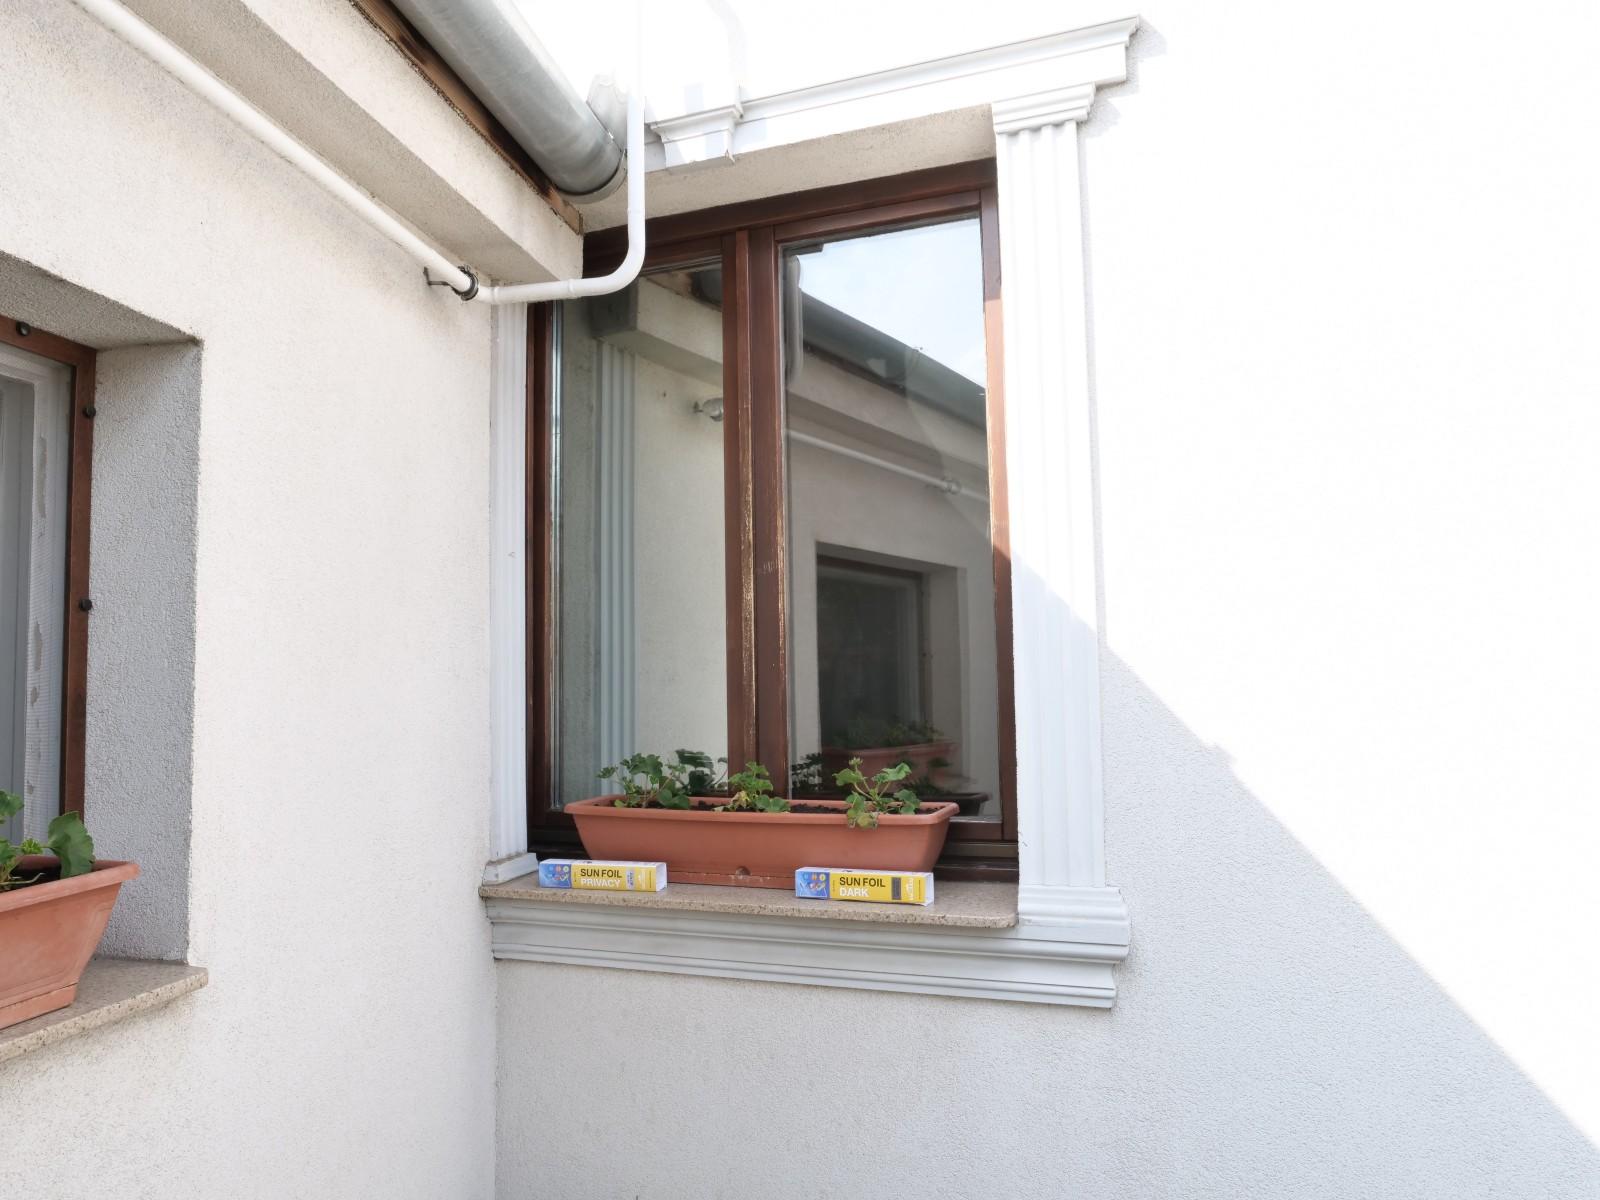 A napellenző ablakfólia jól felfogja a napsugarakat, és nappali világosságnál a bal oldali tükrös változat a belátást is korlátozza!